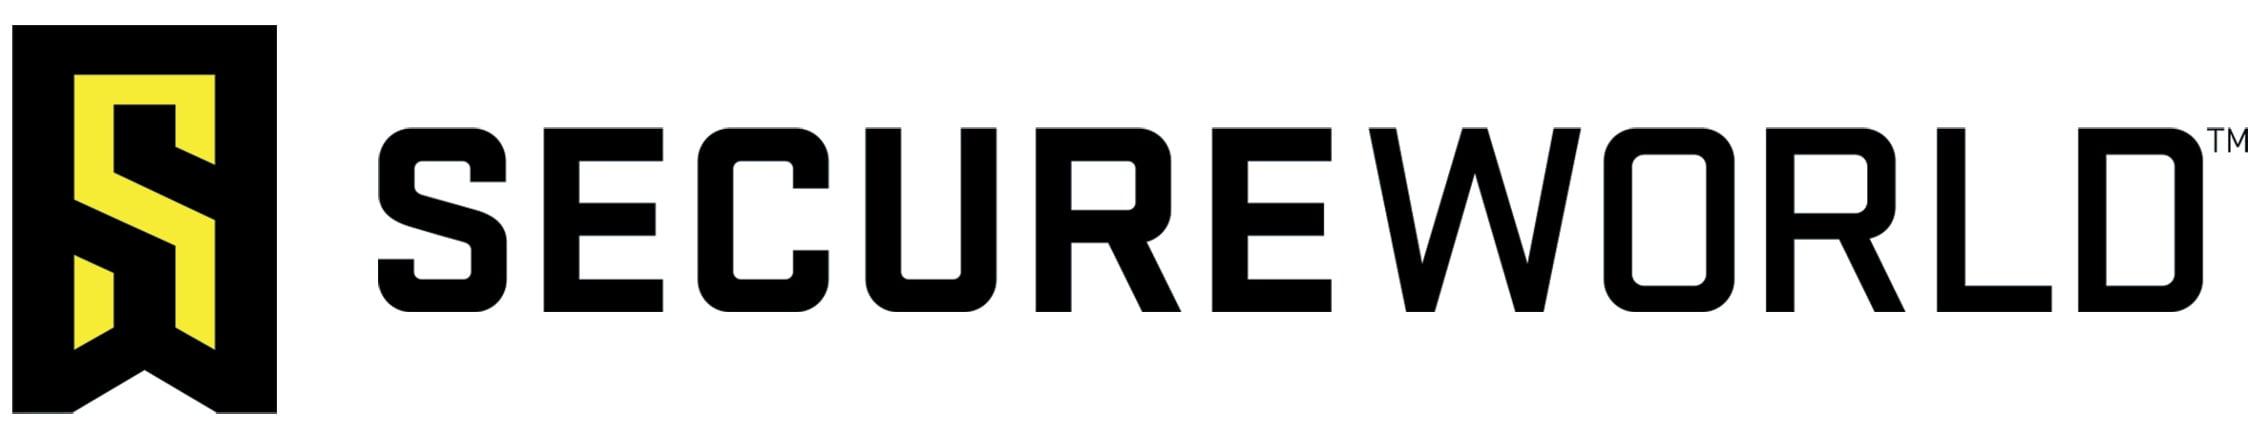 SWE_logo_full-long_forWHITEbackgrounds.jpg